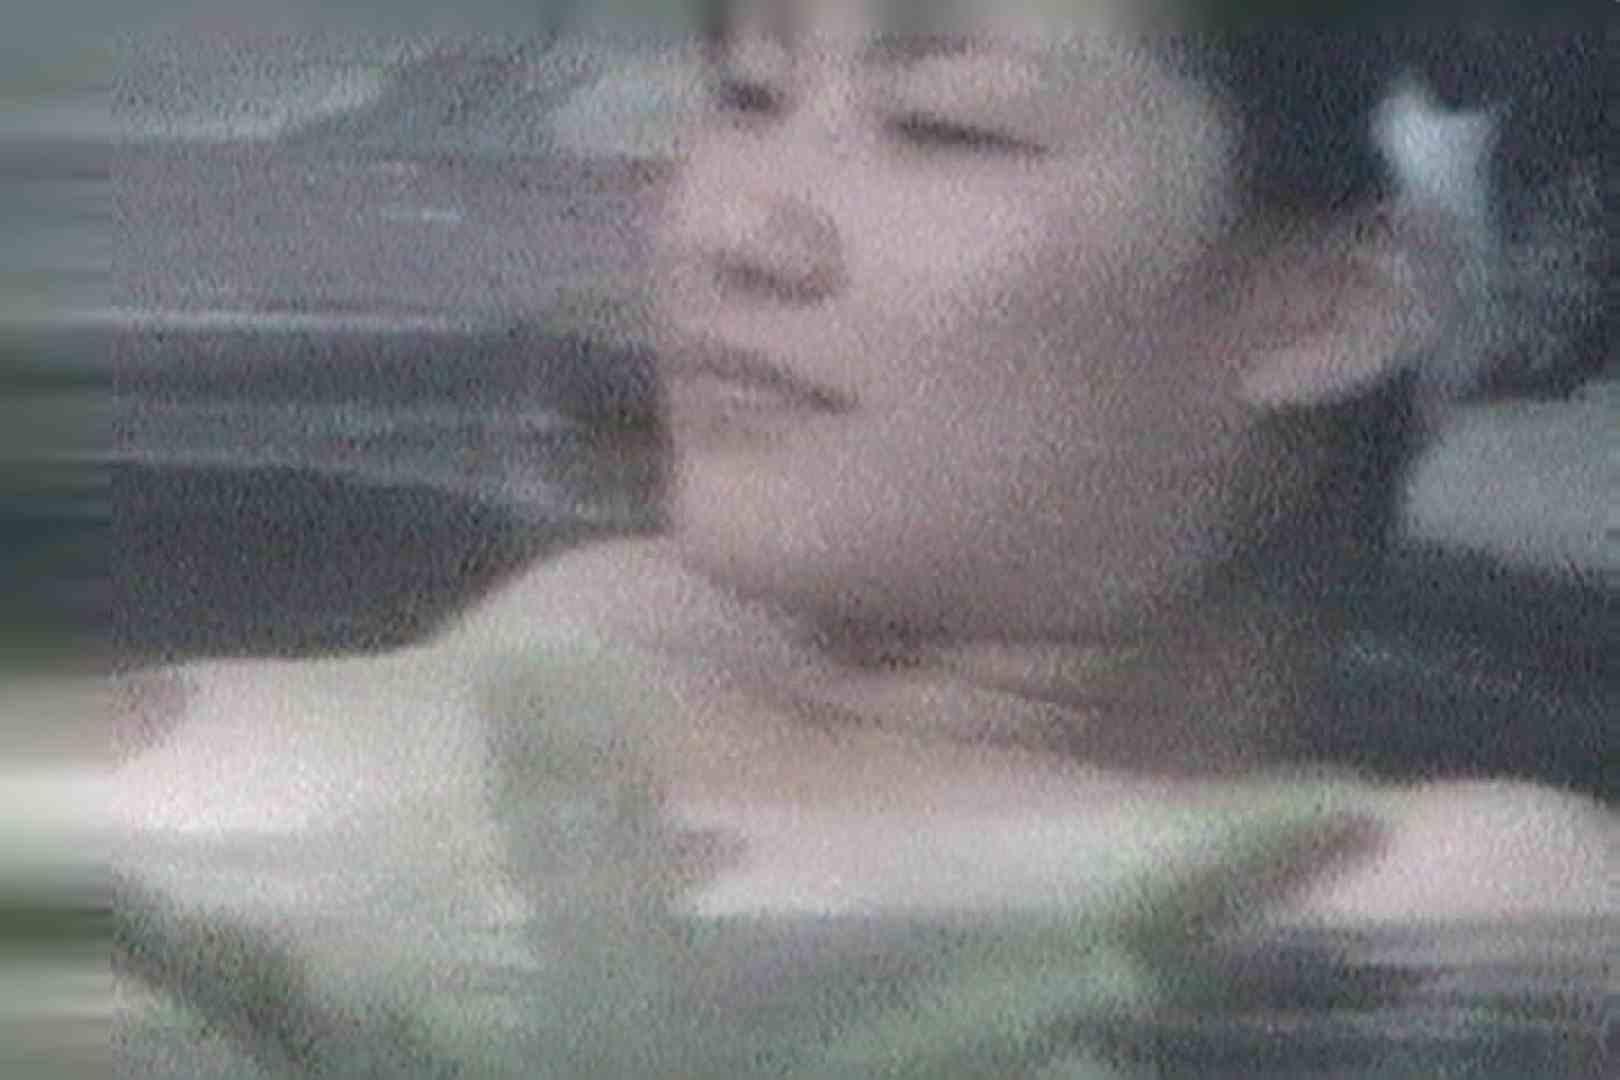 Aquaな露天風呂Vol.103 盗撮シリーズ  94PIX 24